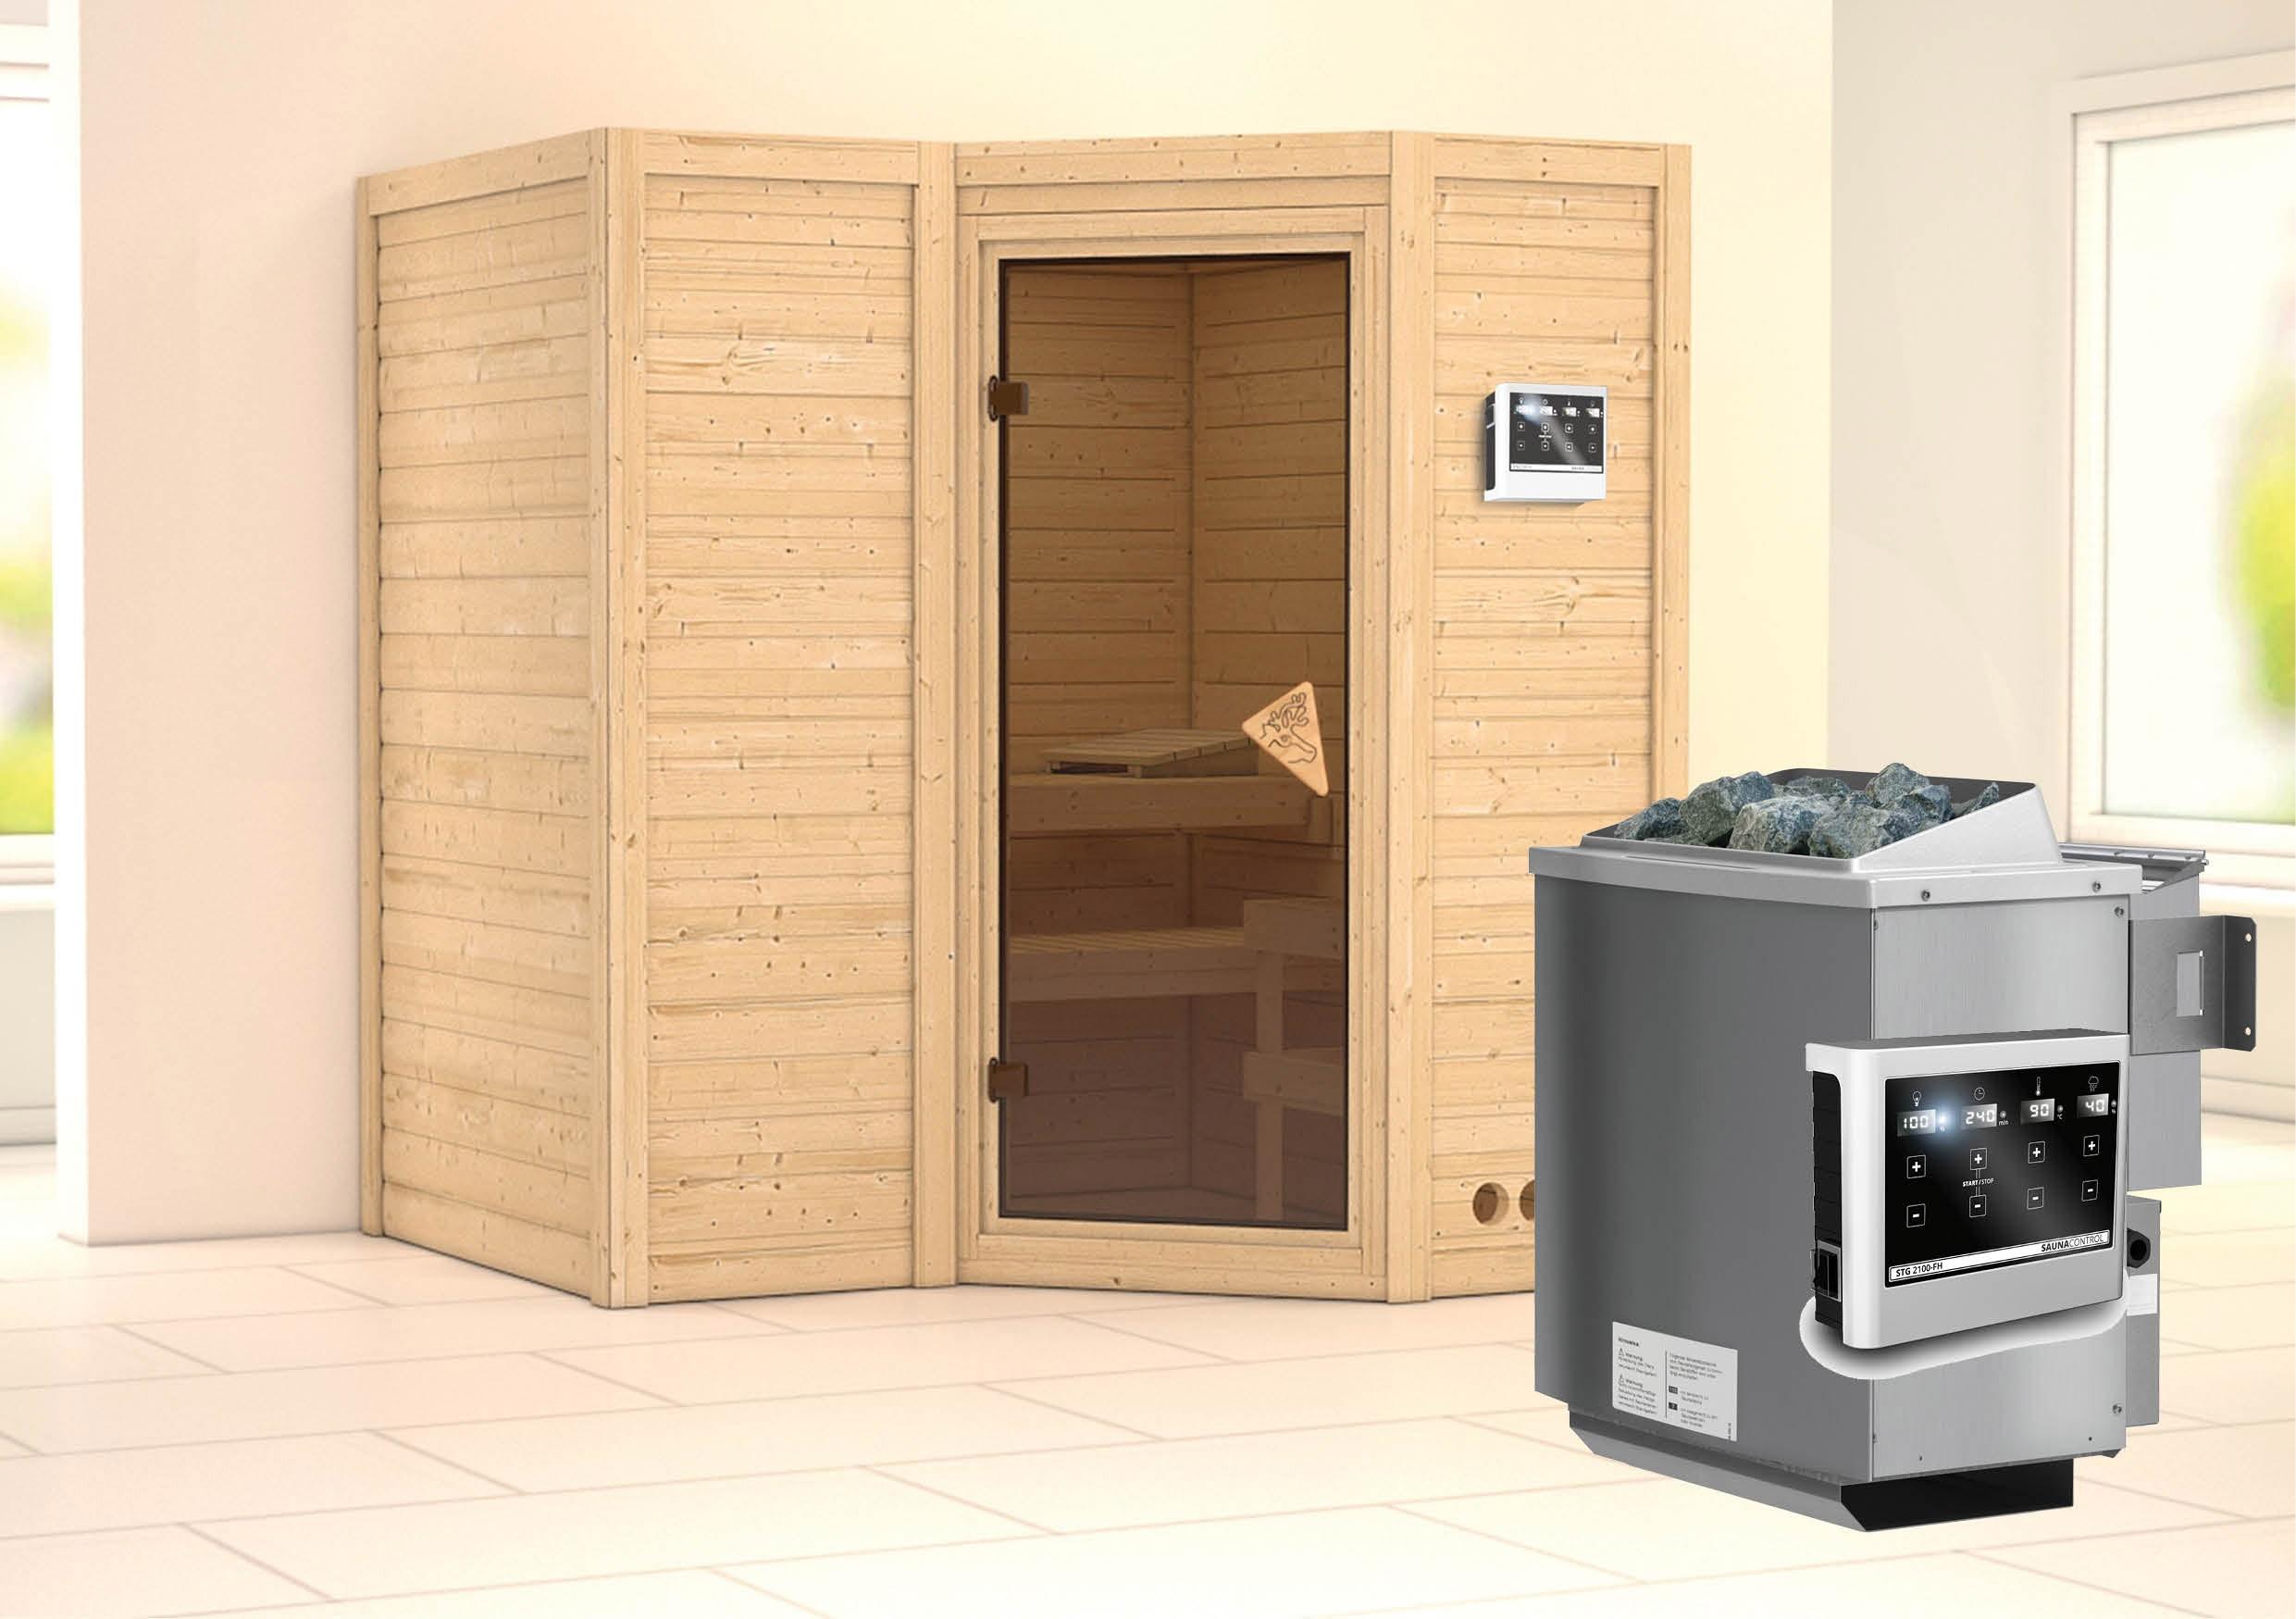 Karibu Sauna Sahib 1 40mm mit Bio Ofen 9kW extern classic Tür Bild 1